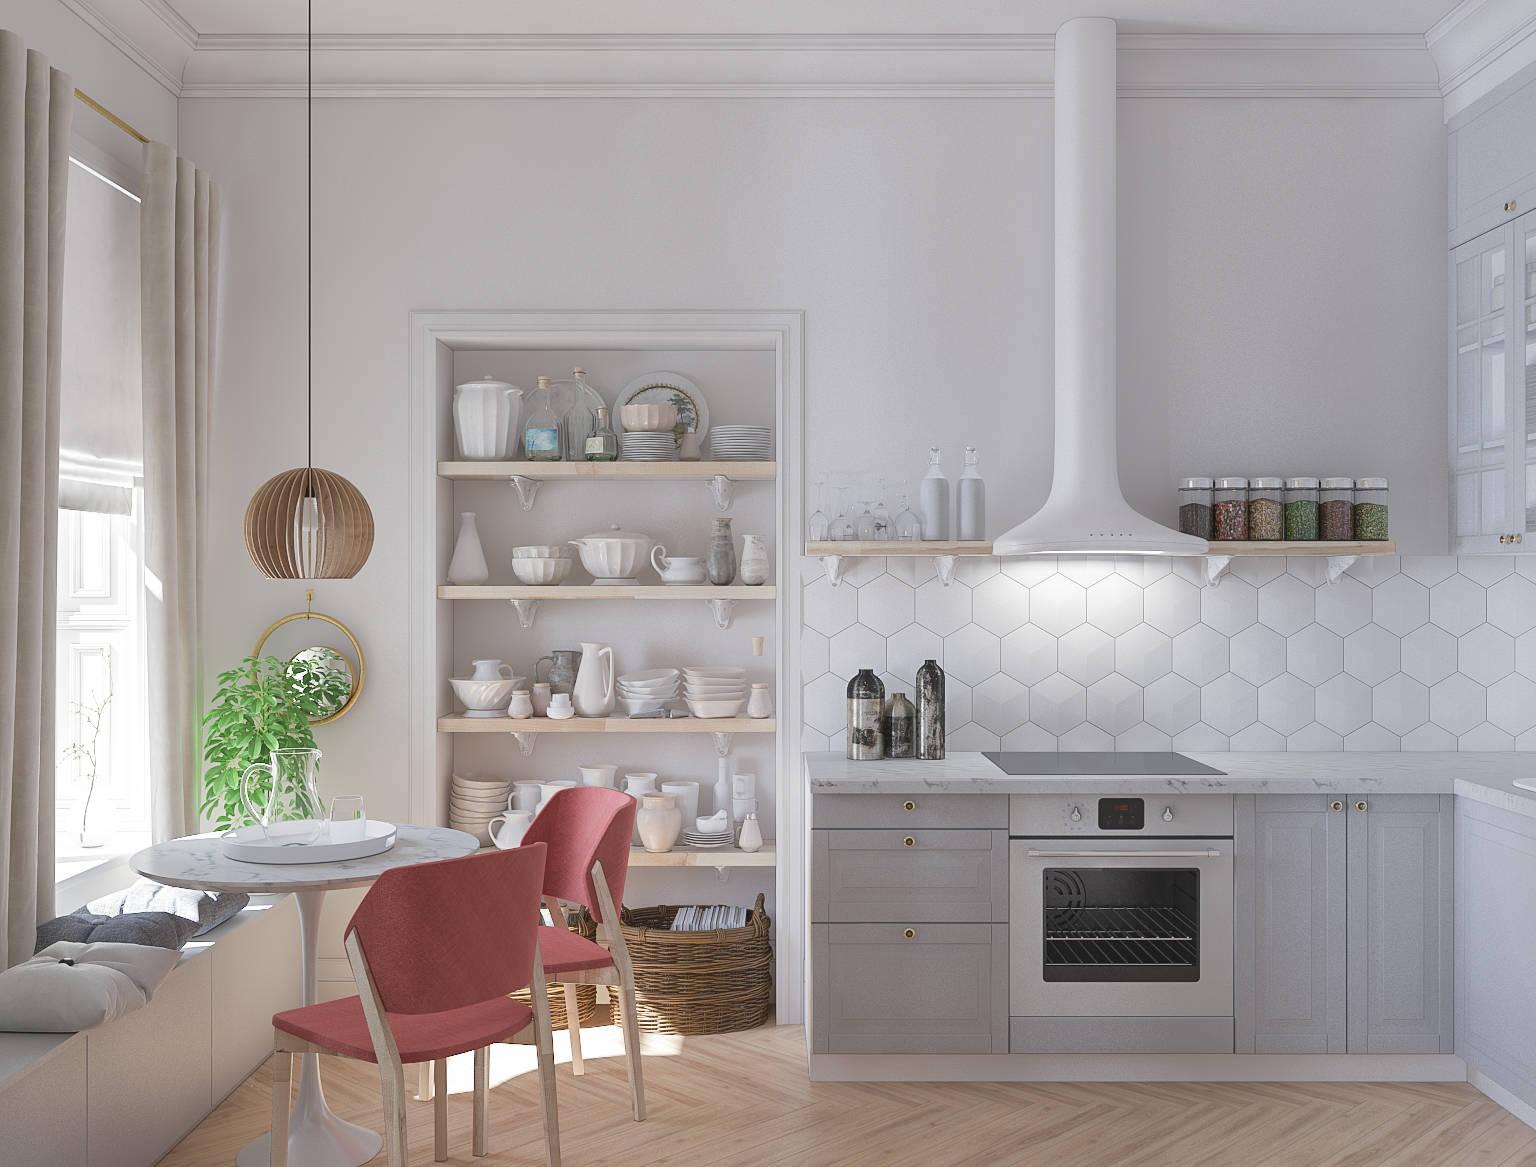 Квартира г. Санкт-Петербург - Кухня